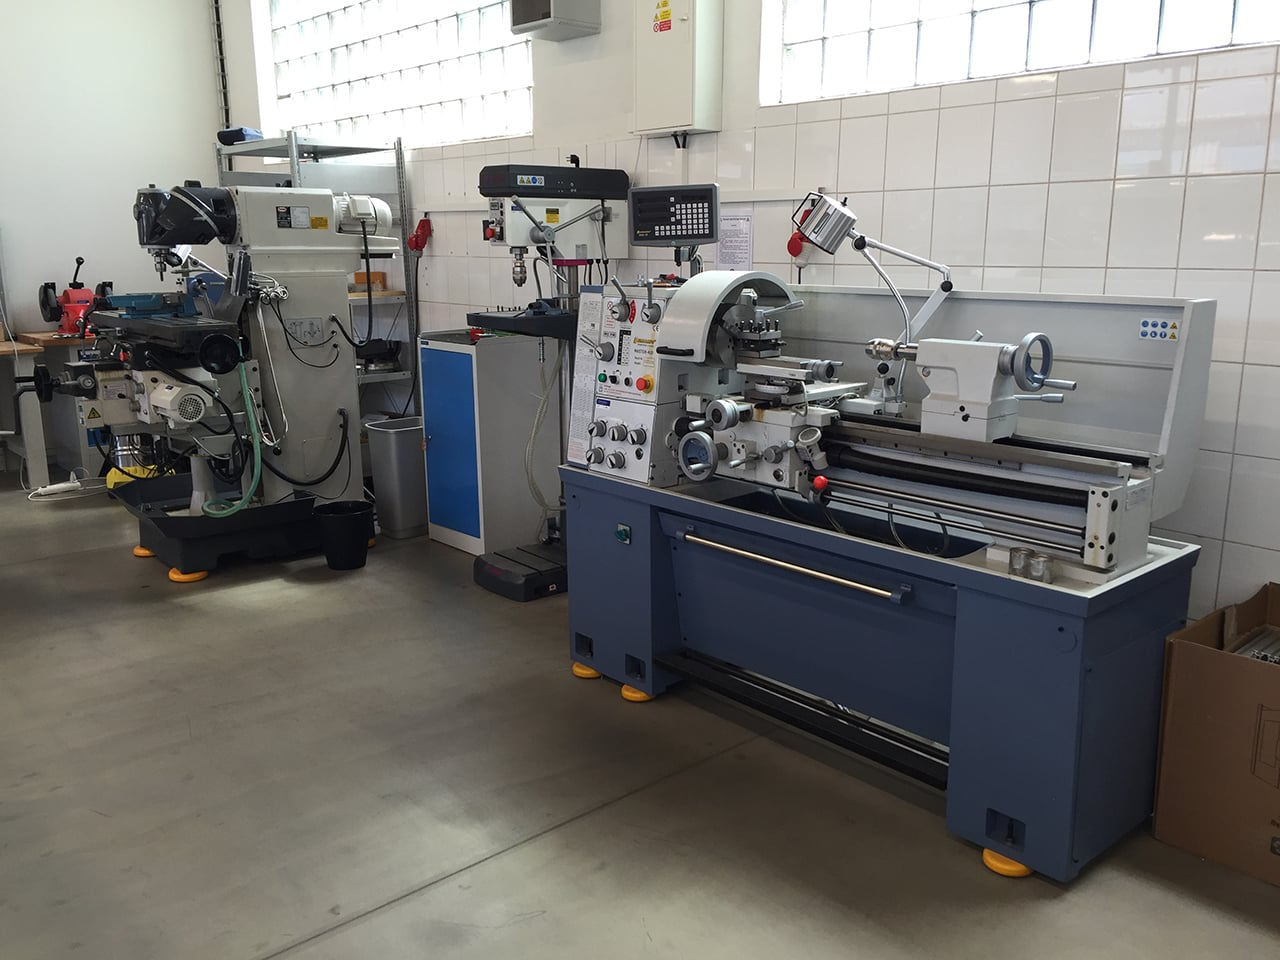 Výroba tiskáren be3D v Kralupech nad Vltavou